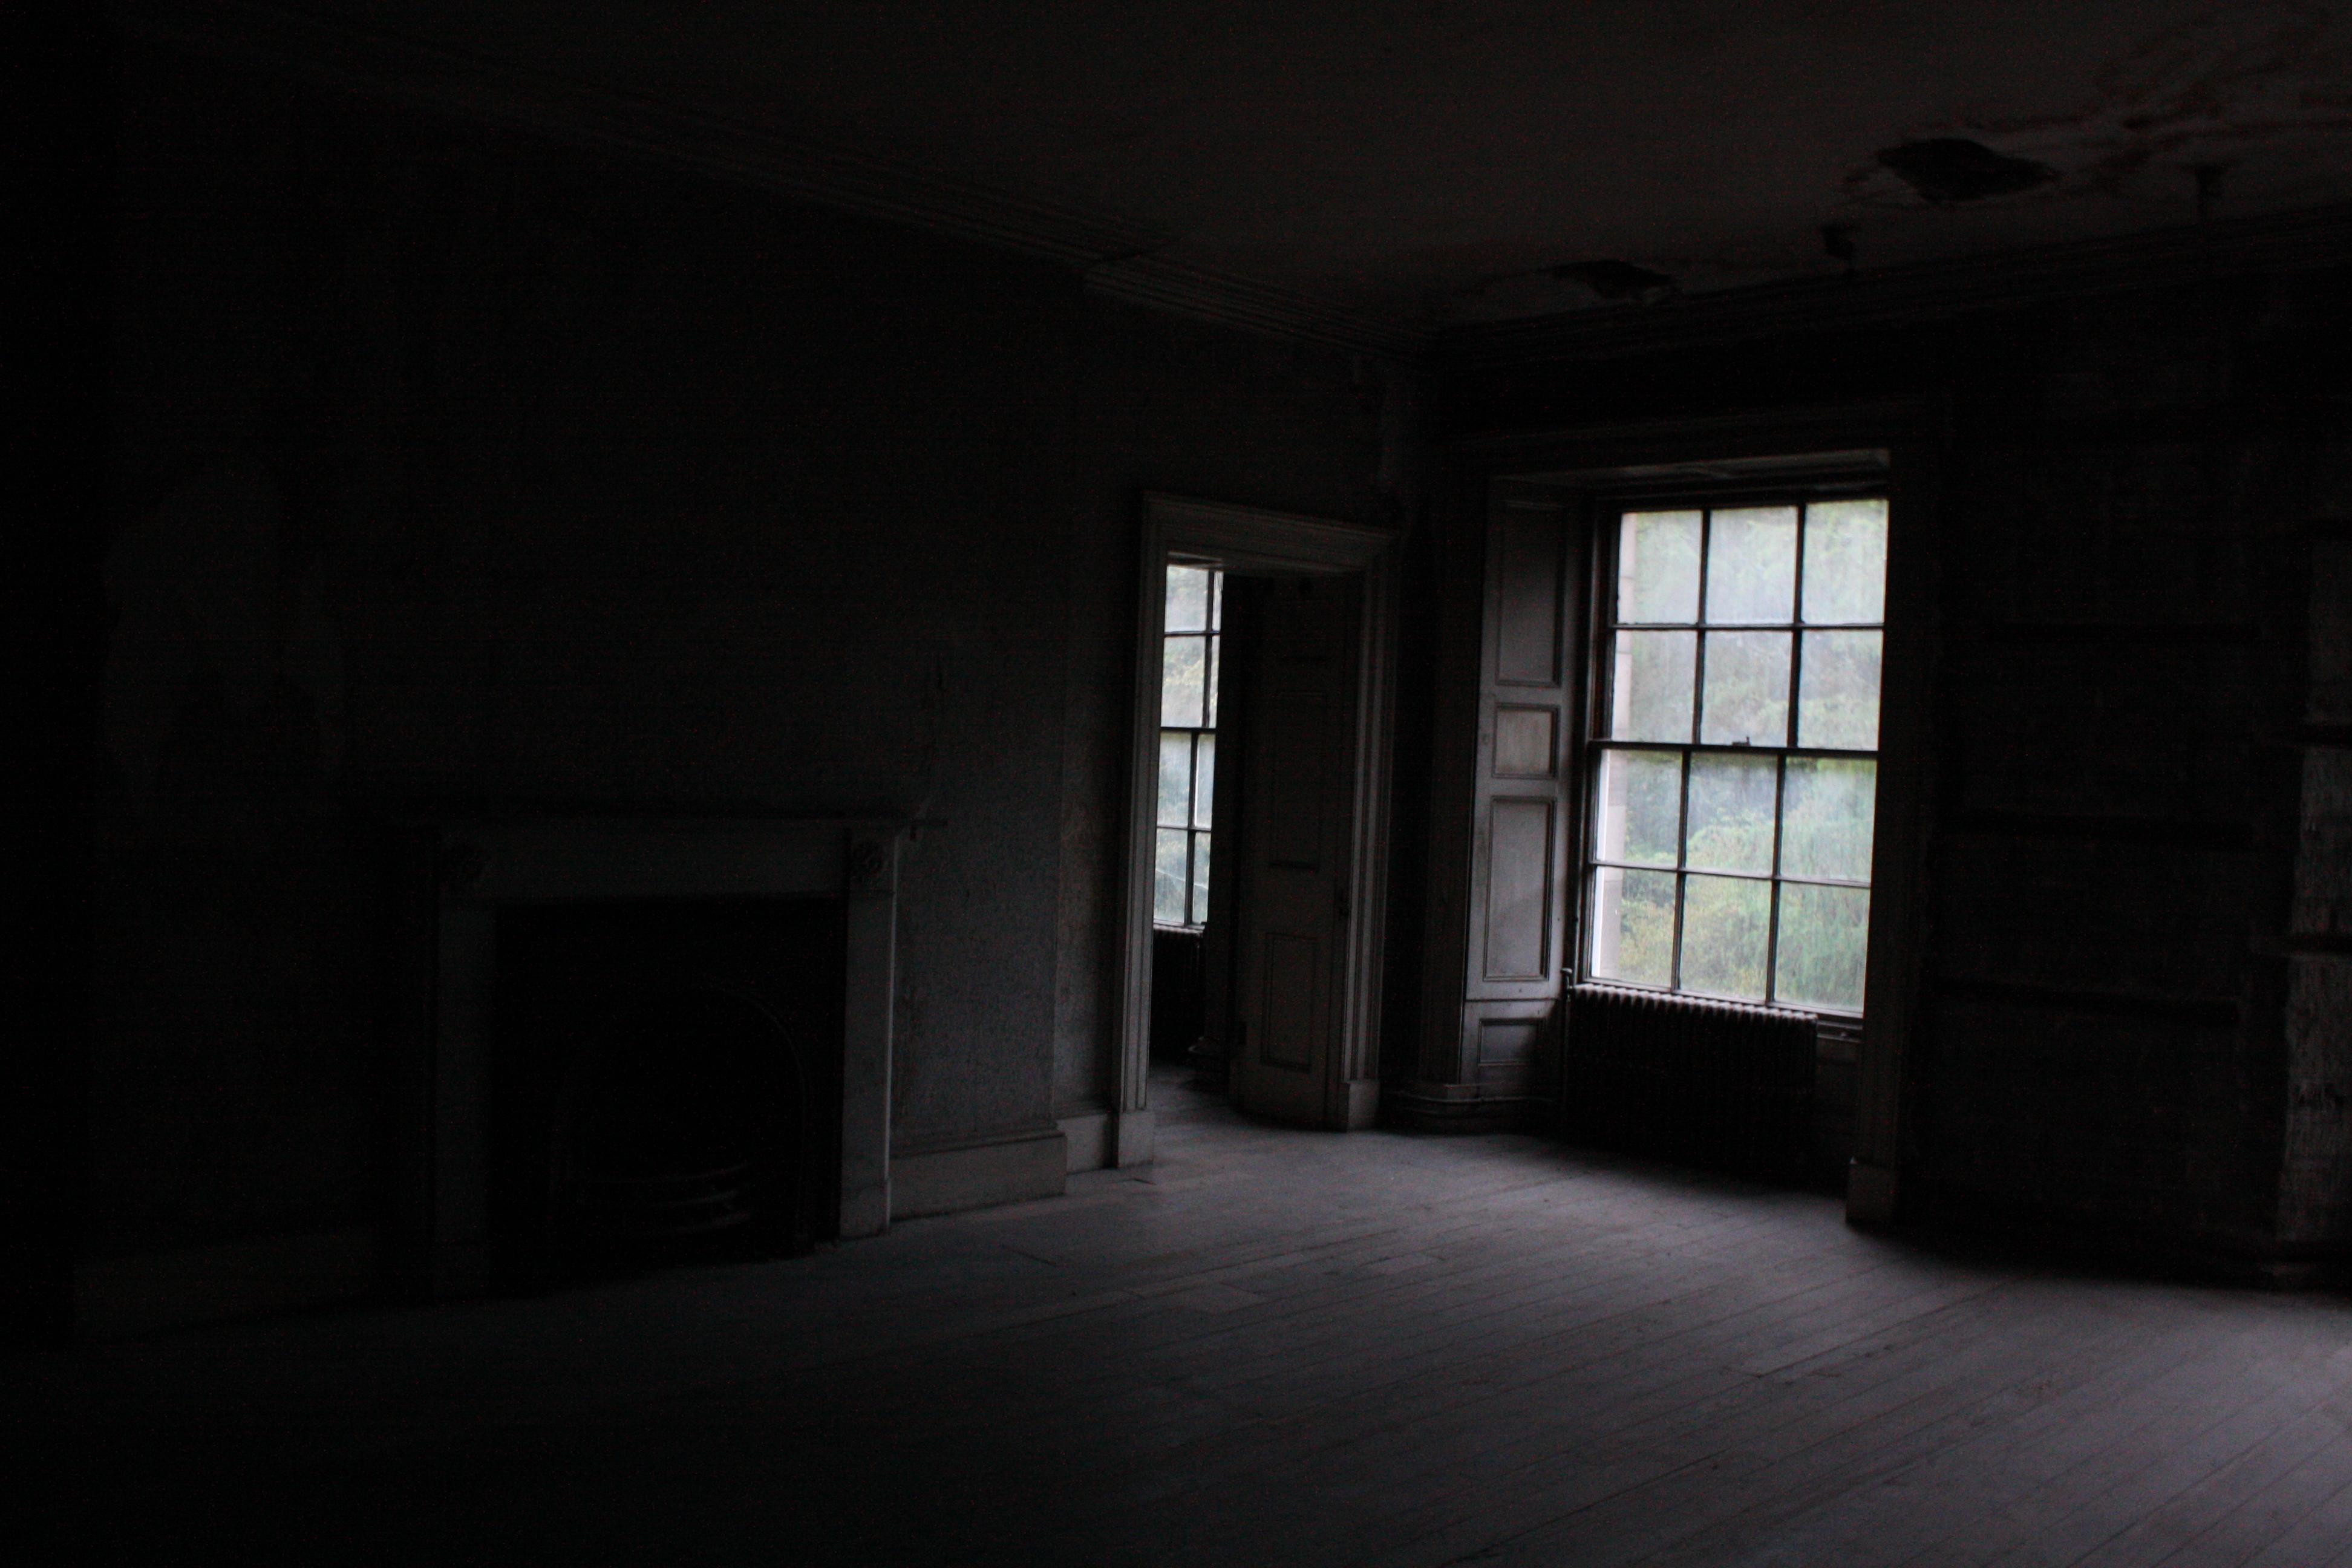 Dark Room - bentyl.us - bentyl.us